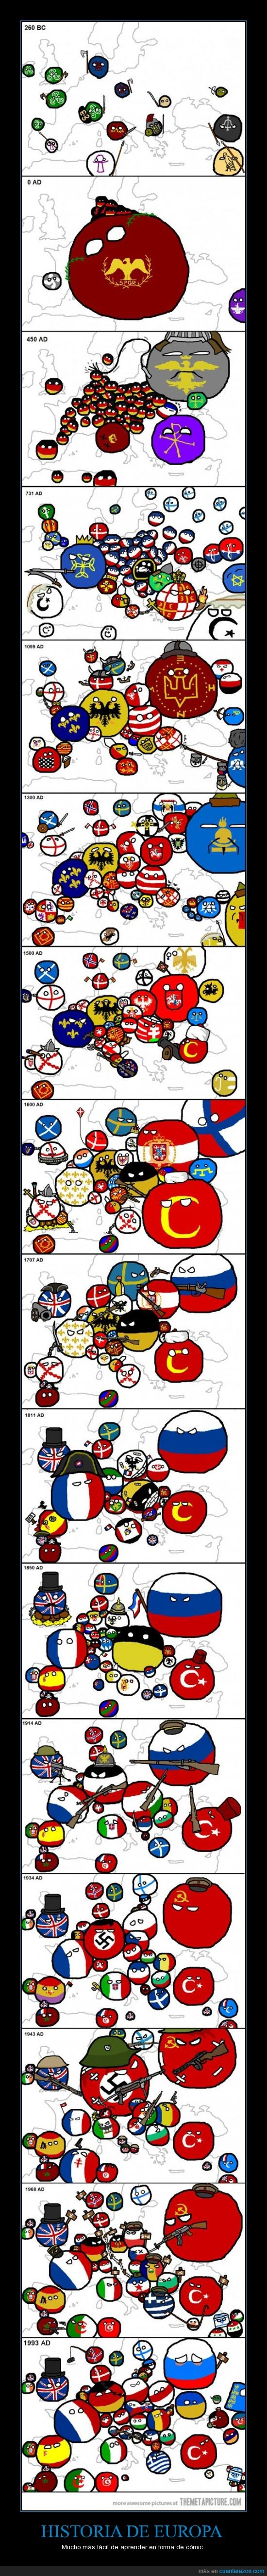 cómic,conquistas,Europa,guerras,historia,paises